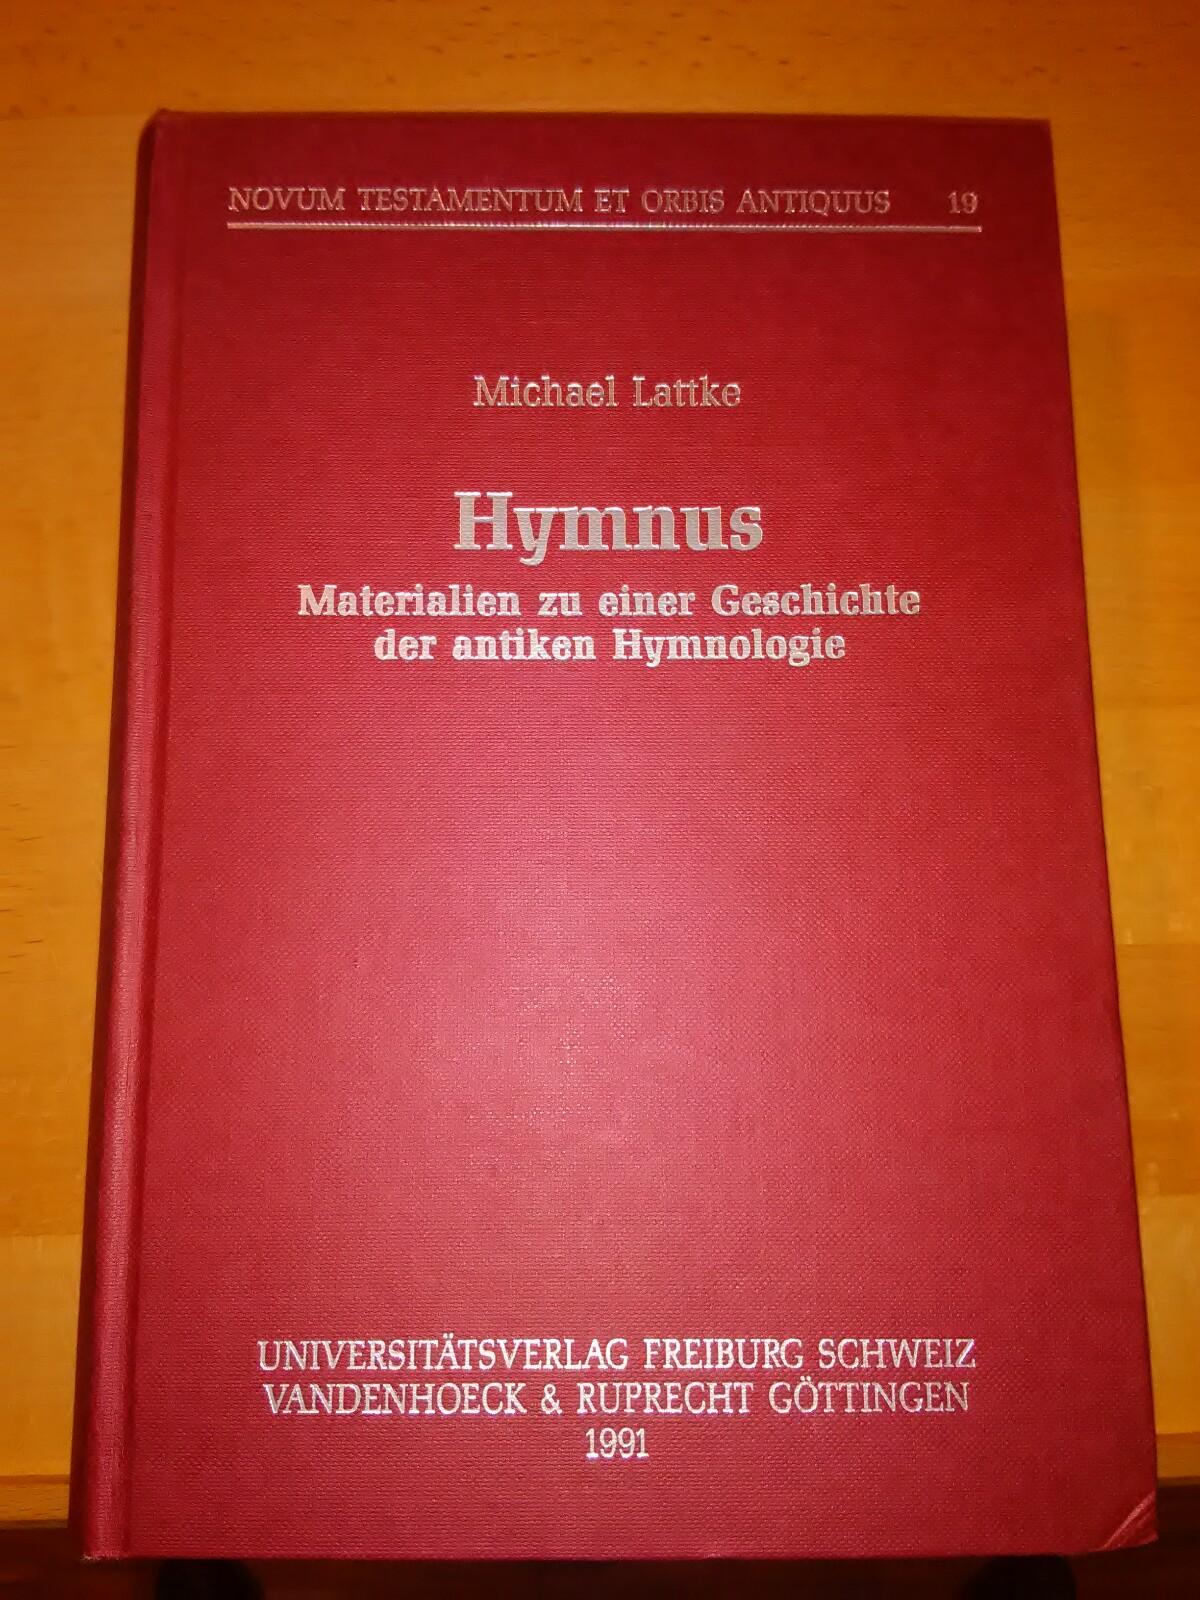 Hymnus. Materialien zu einer Geschichte der antiken Hymnologie. - Lattke, Michael